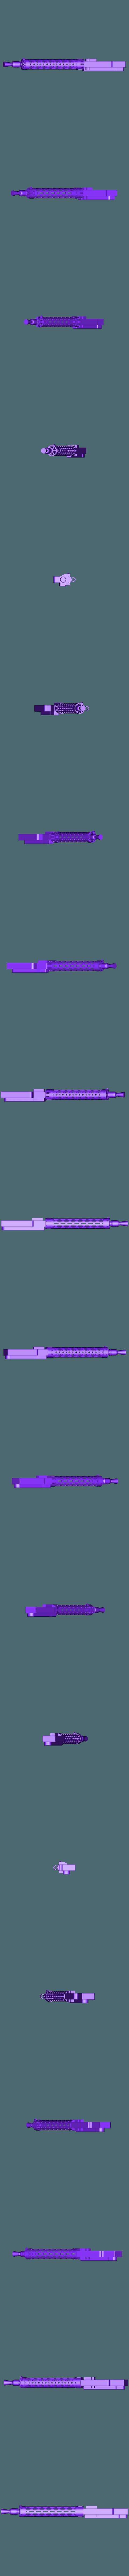 MG_komplett.stl Download free STL file Machine Gun Spandau MG08 • 3D print object, wersy